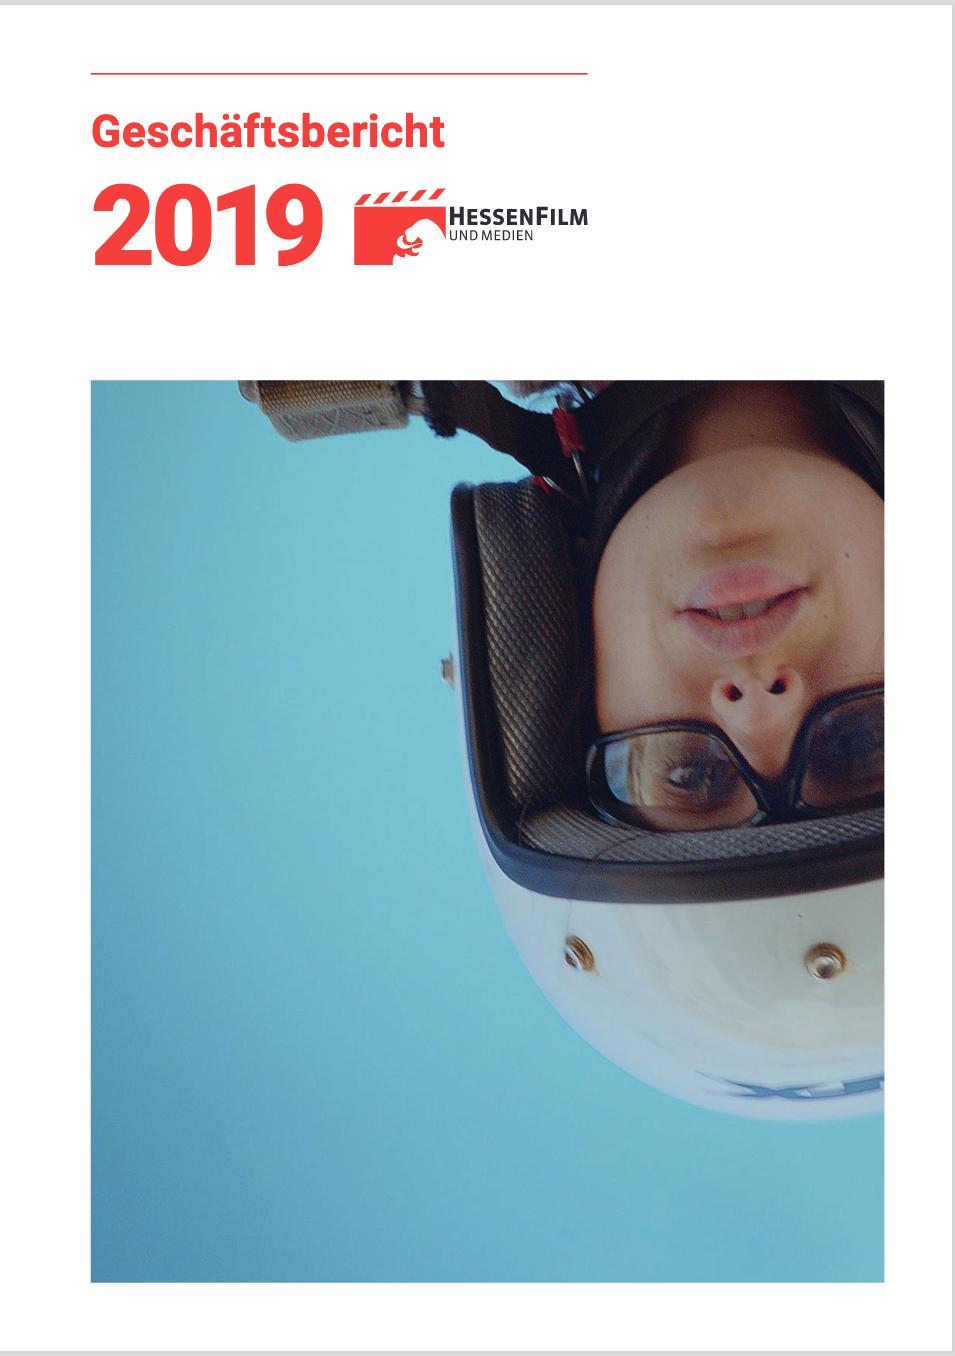 Interview im Geschäftsbericht der HessenFilm 2019